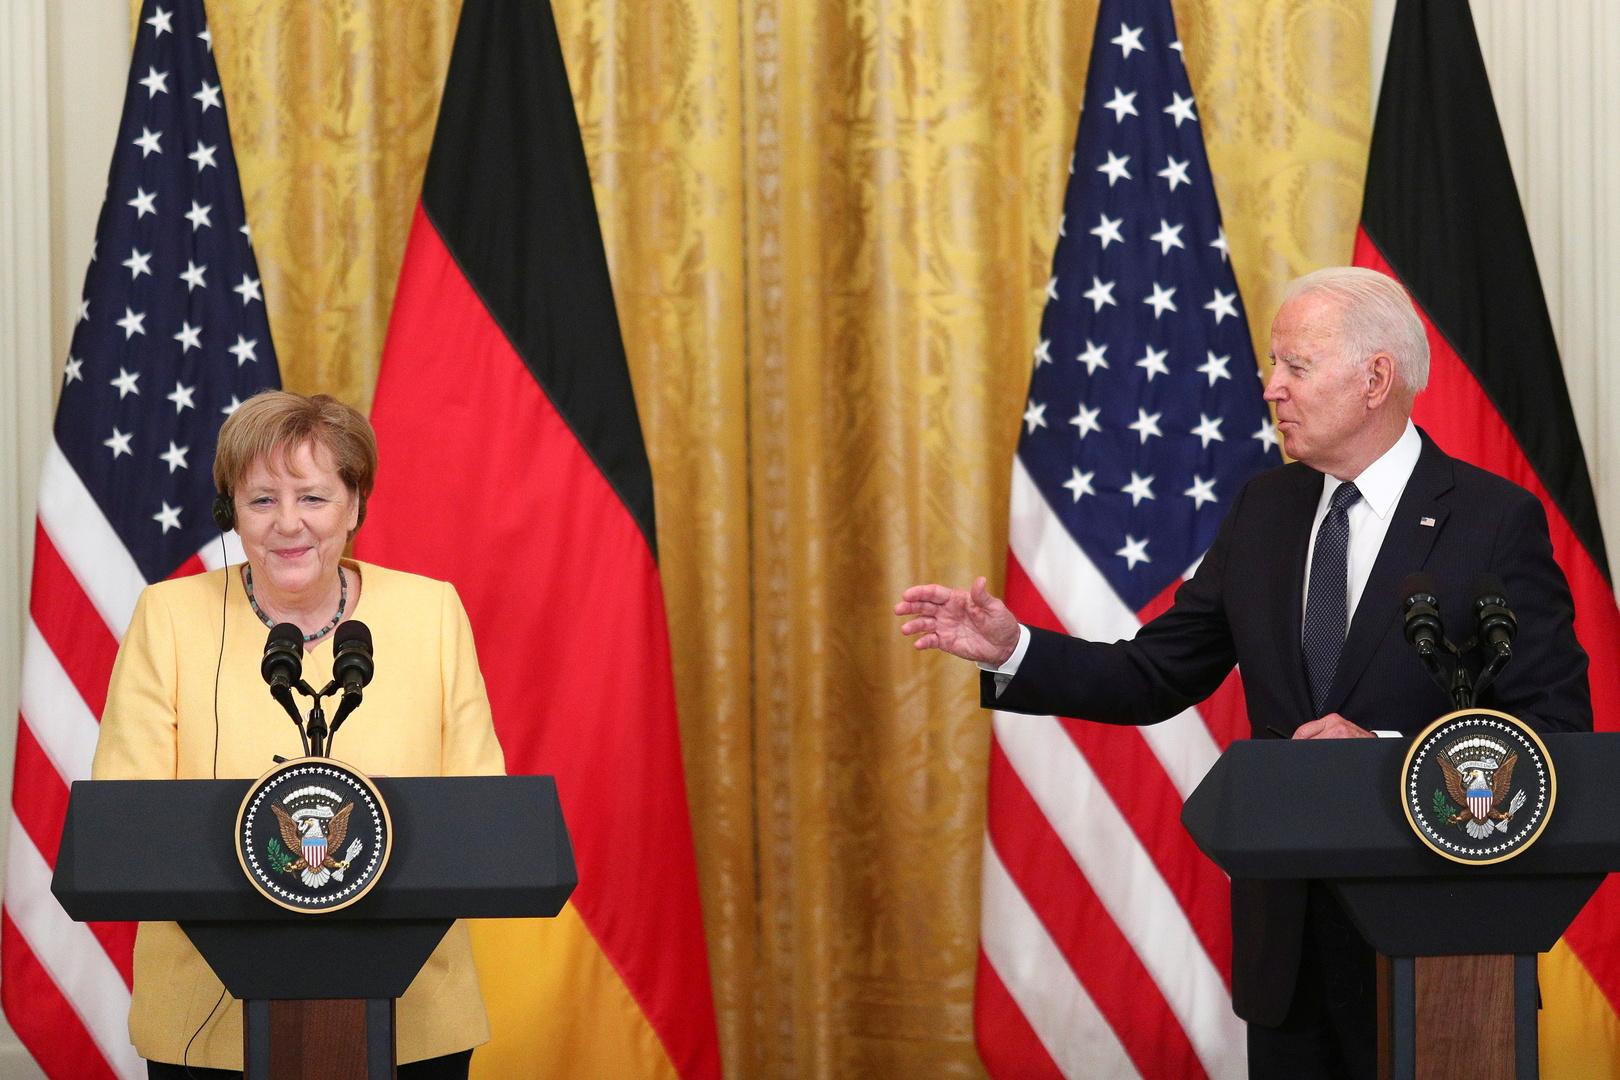 الرئيس الأمريكي جو بايدن والمستشارة الألمانية أنغيلا ميركل